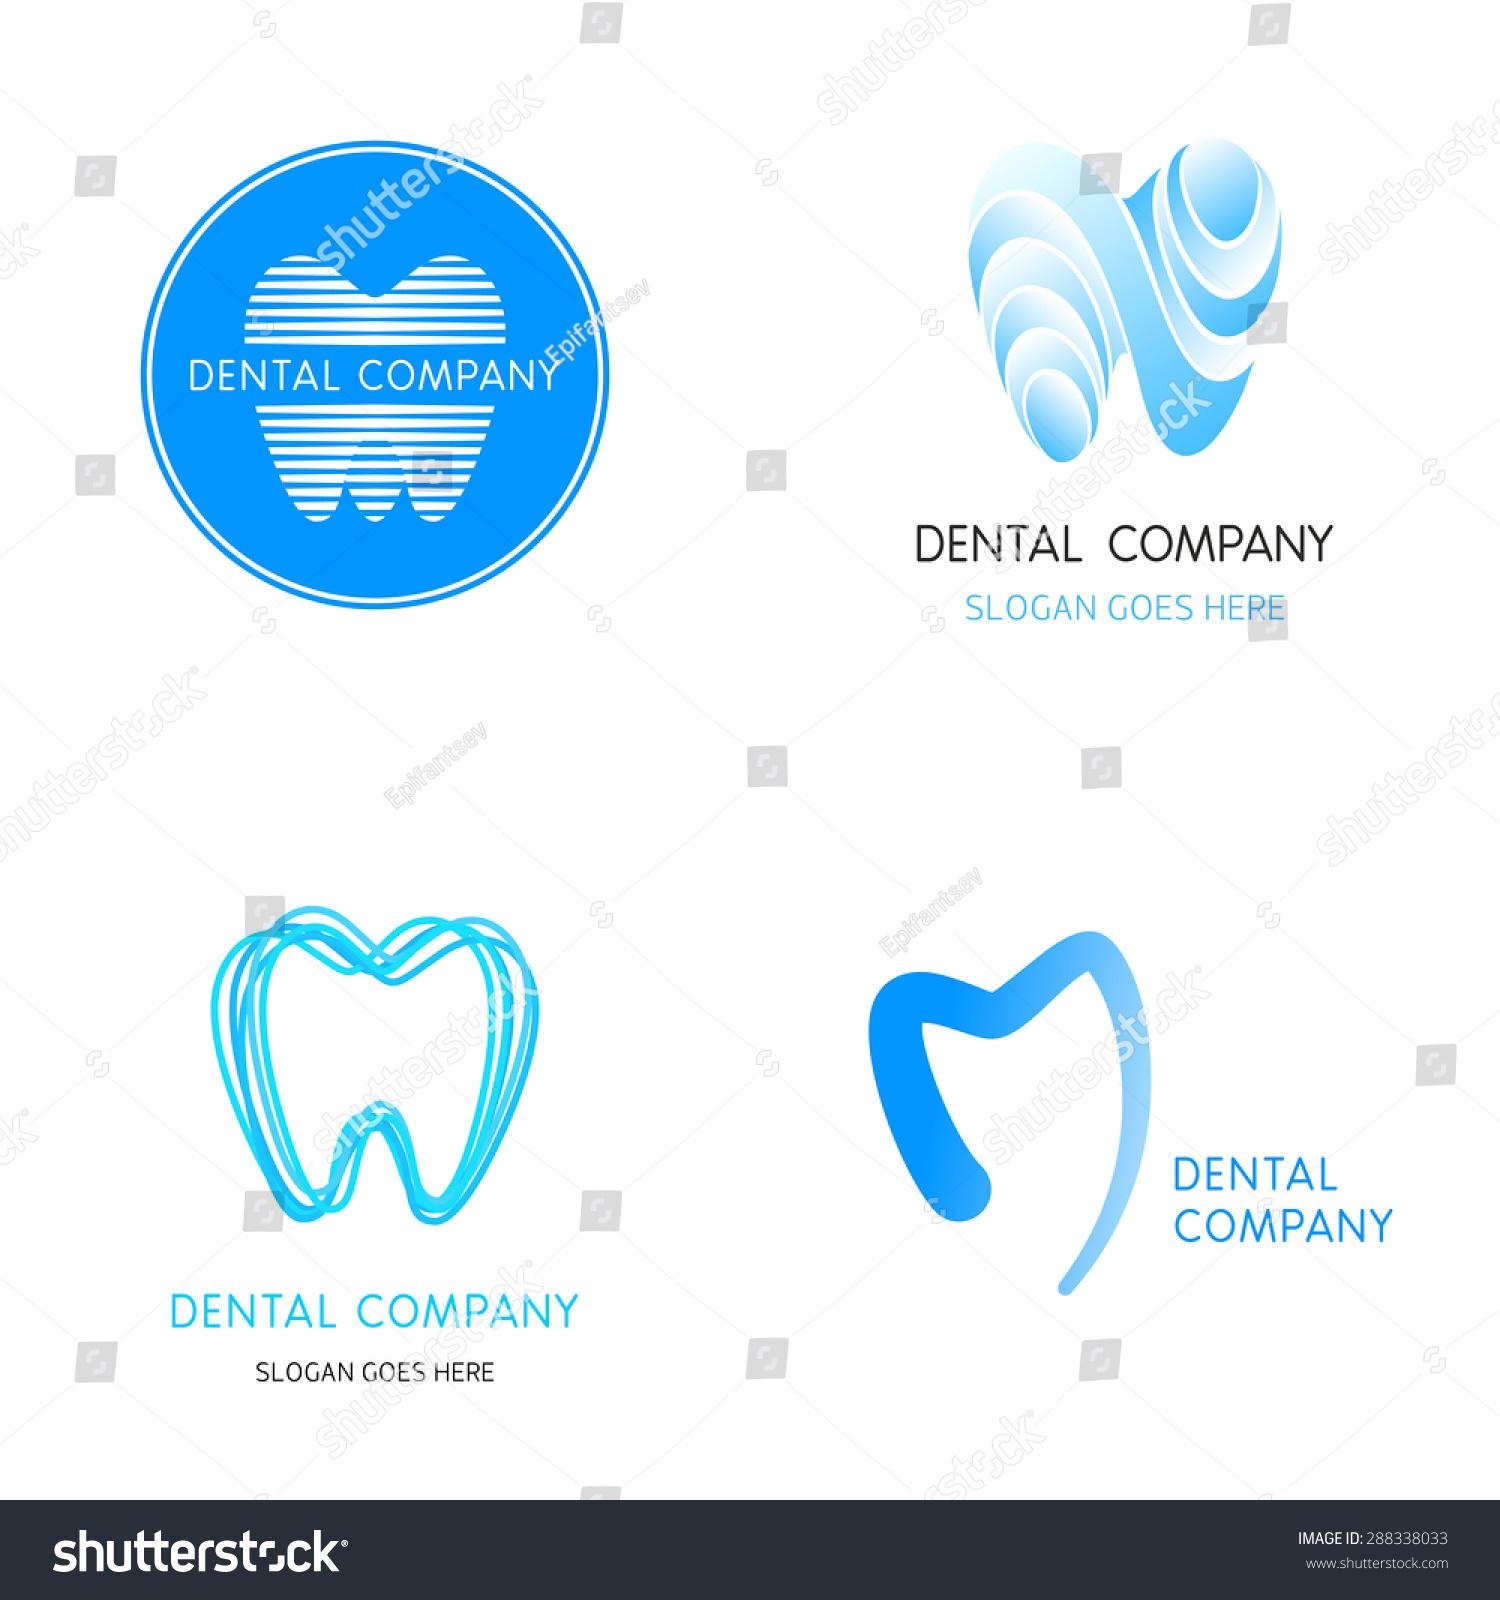 Dental Logos Templates Abstract Vector Teeth a Stock Vector ...